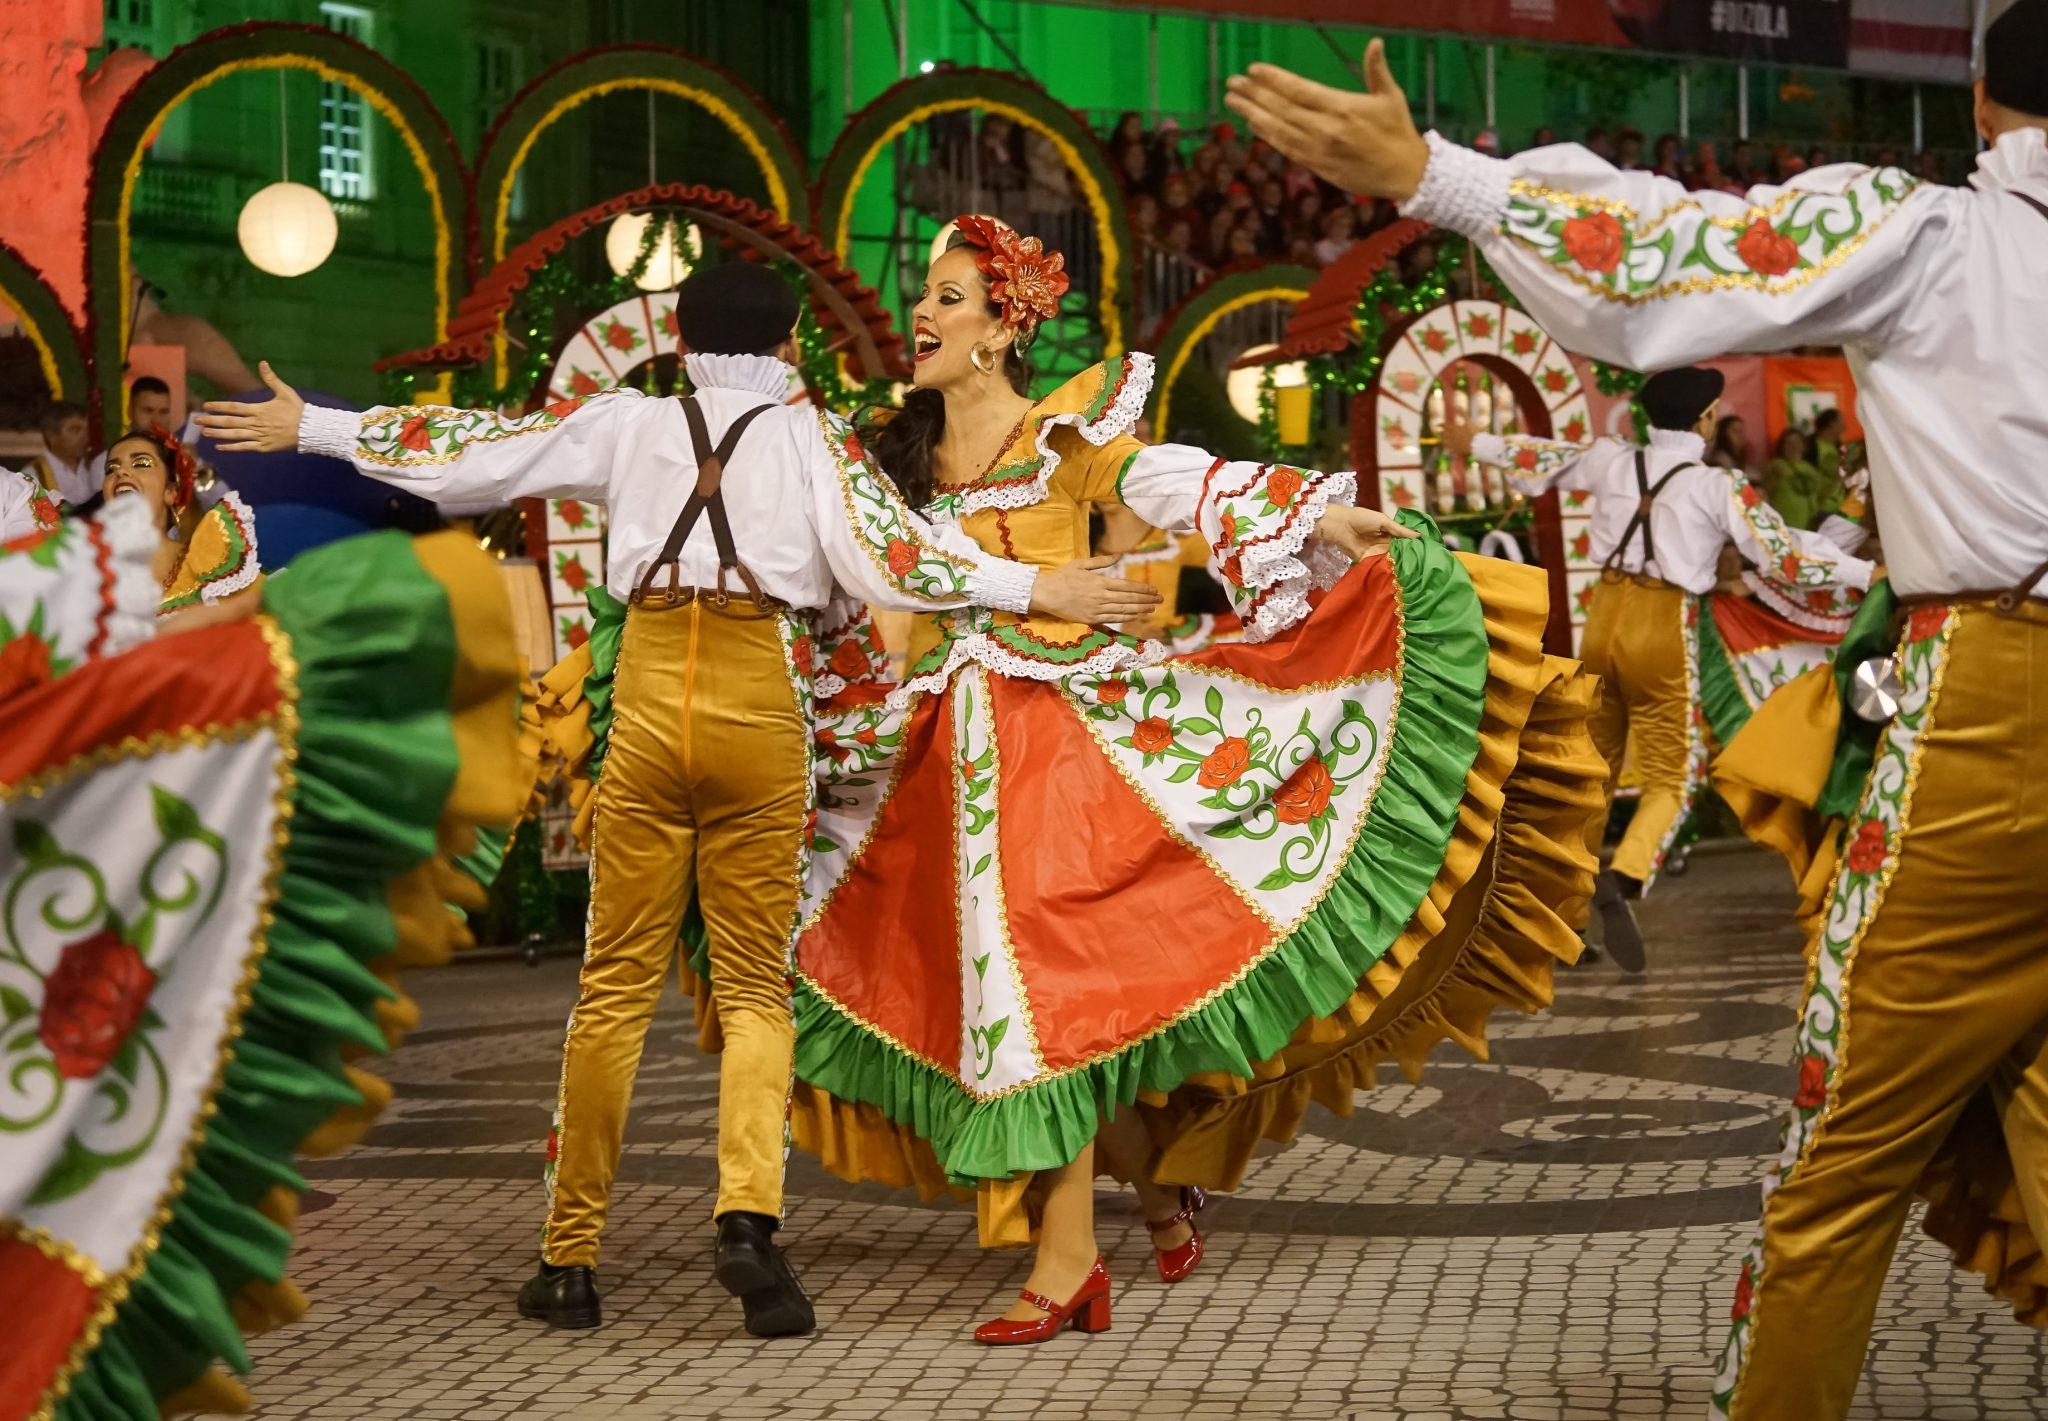 Um par de marchantes, homem e mulher, vestidos com roupas amarelas, brancas, vermelhas e verdes, dançam e rodam lado a lado